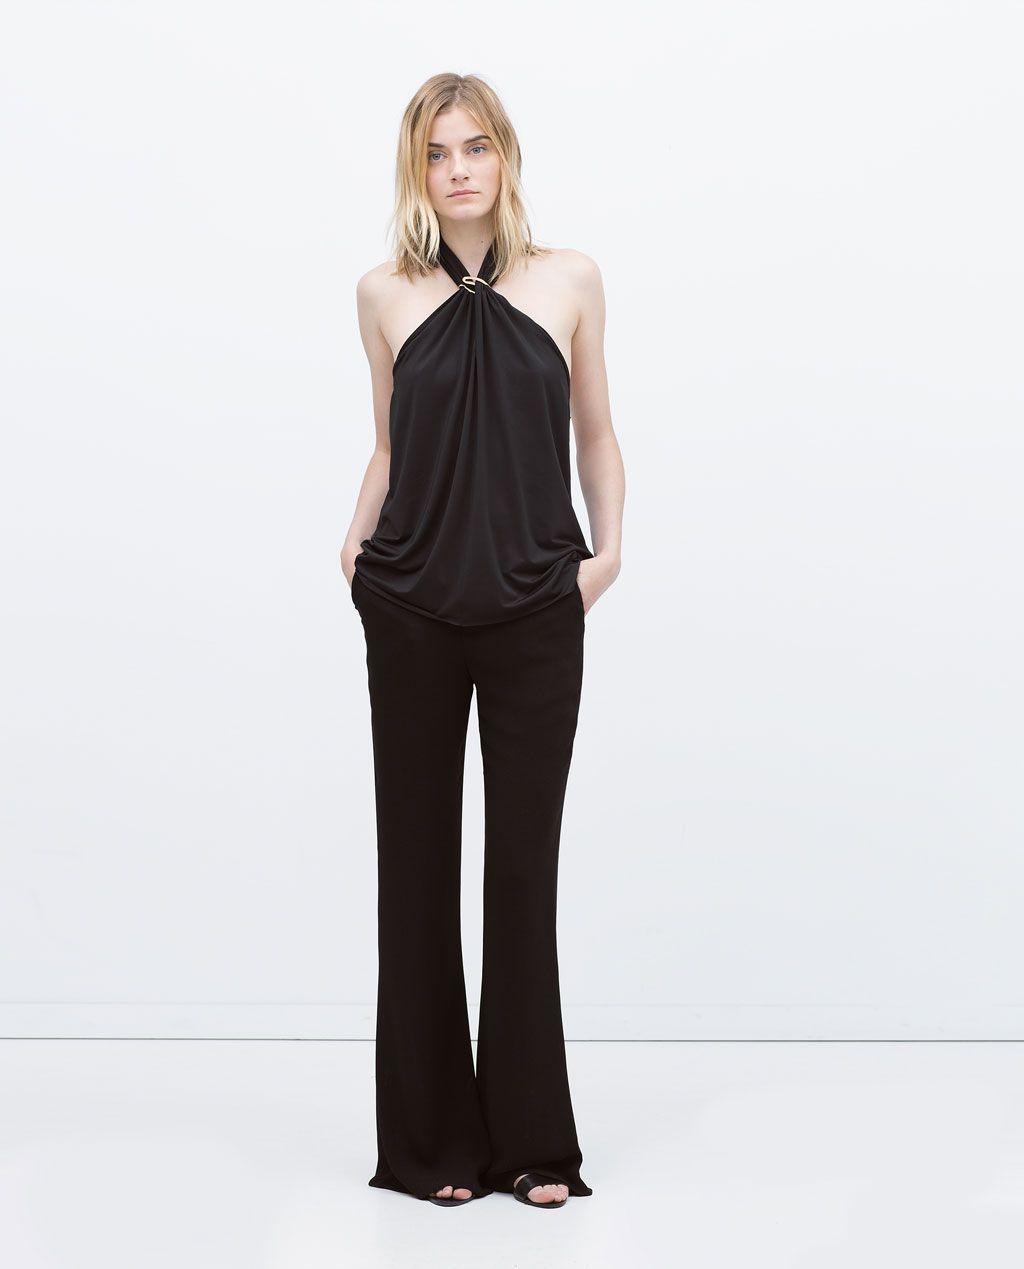 último gran descuento comprar popular Image 1 of from Zara | Dresses | Zara, Camisetas, Mujeres